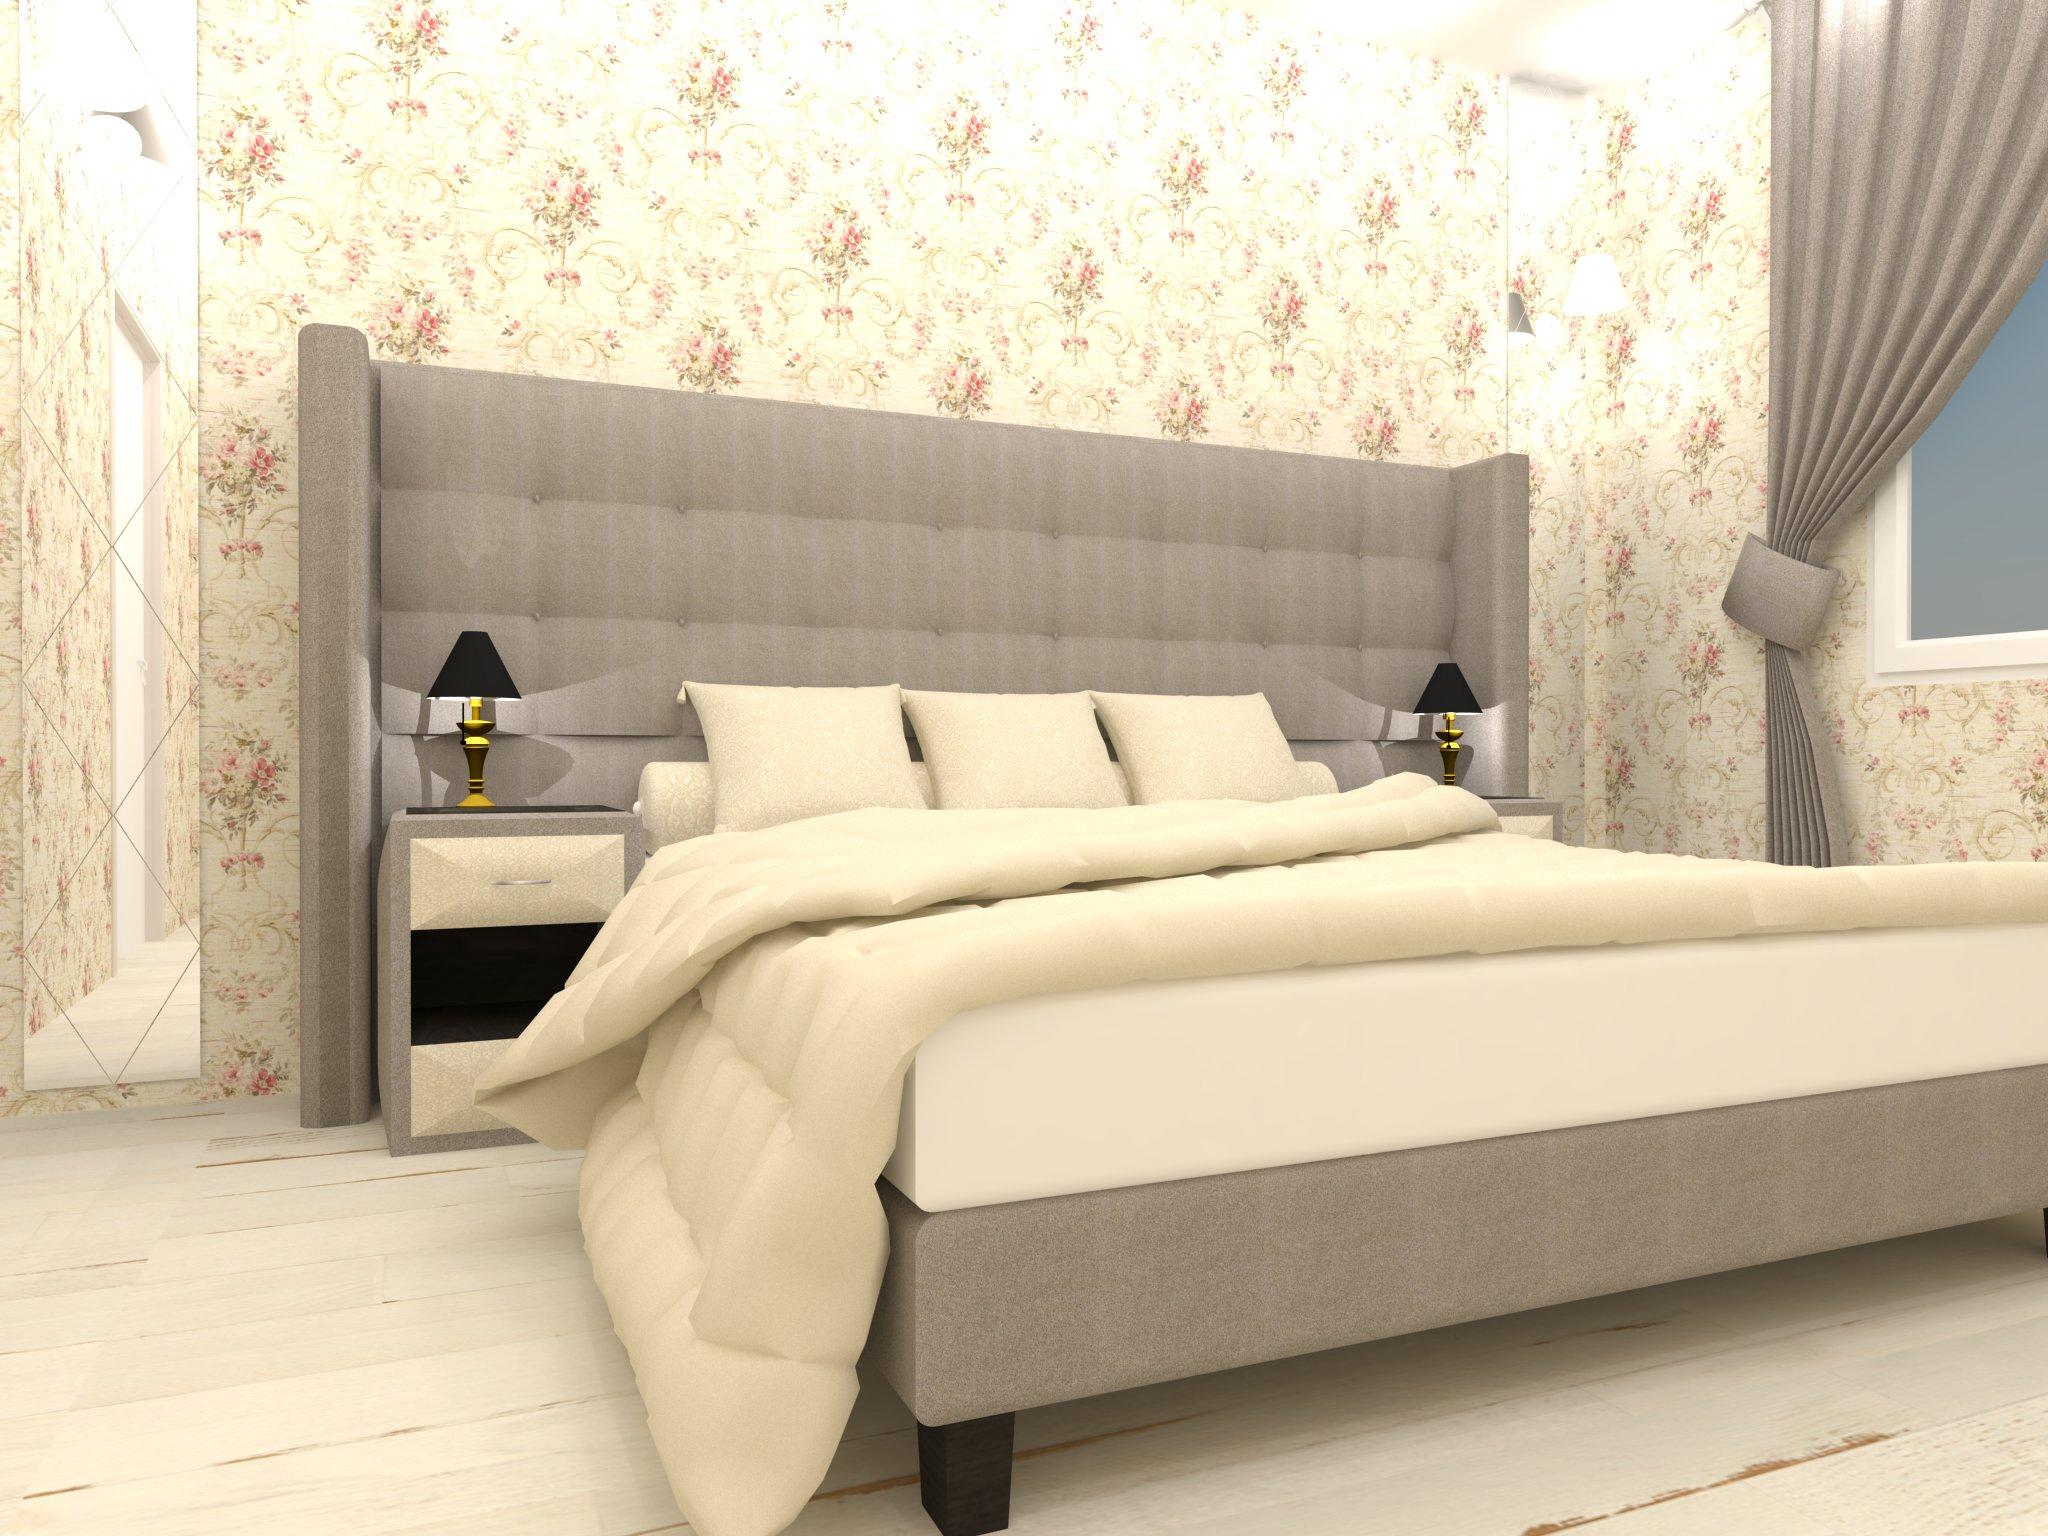 Современный трансформер: диван в кровать